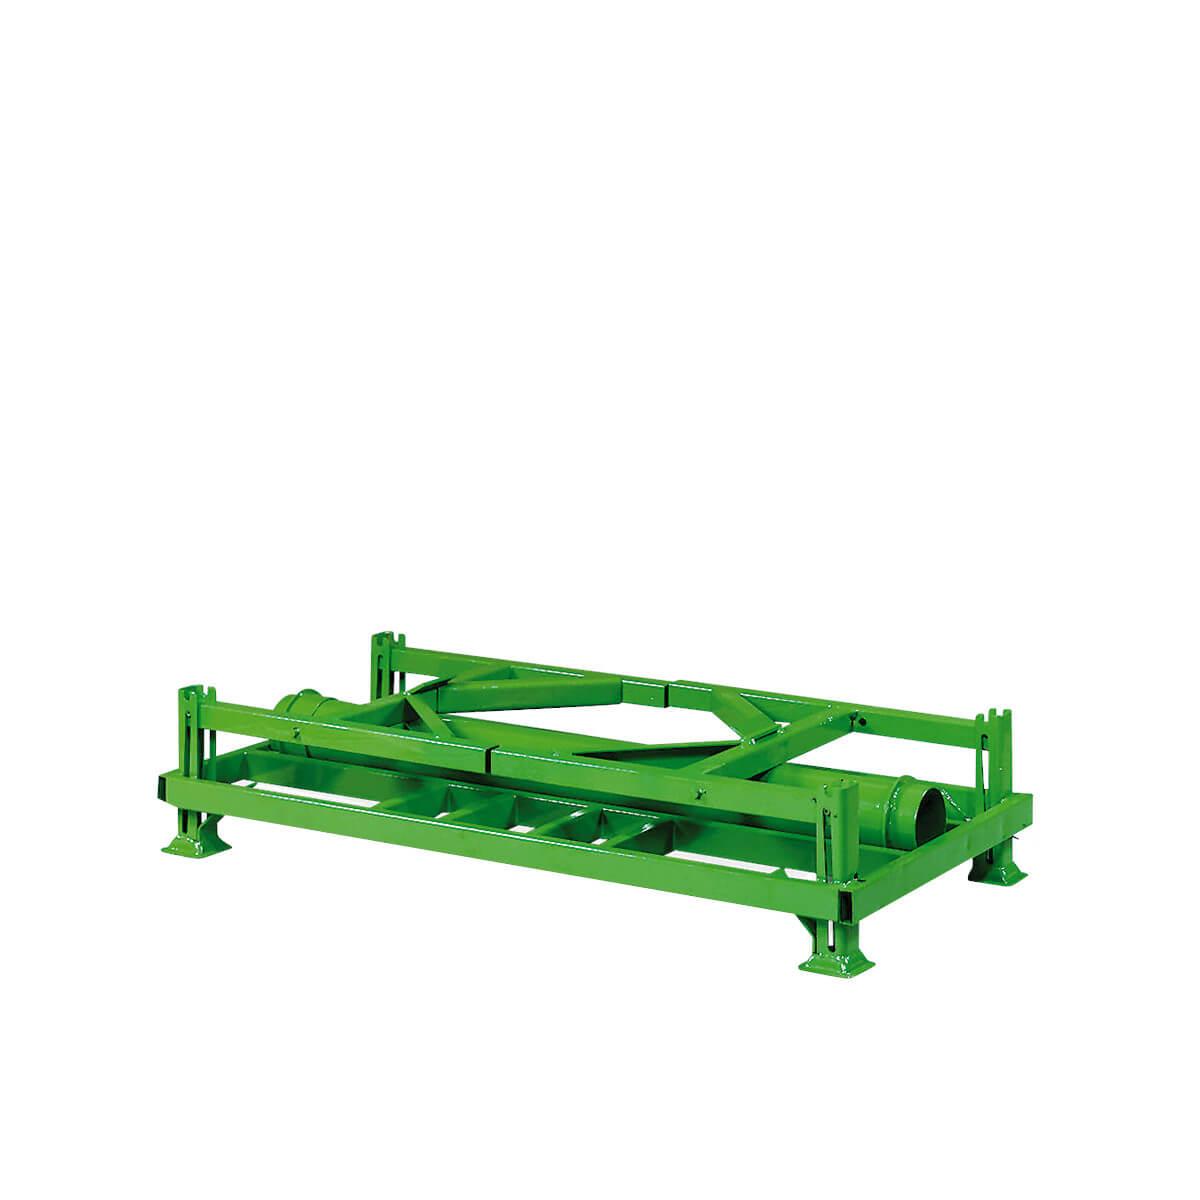 Folienrollengestell, klappbar, auch steckbare, starre und nestbare Ausführungen möglich